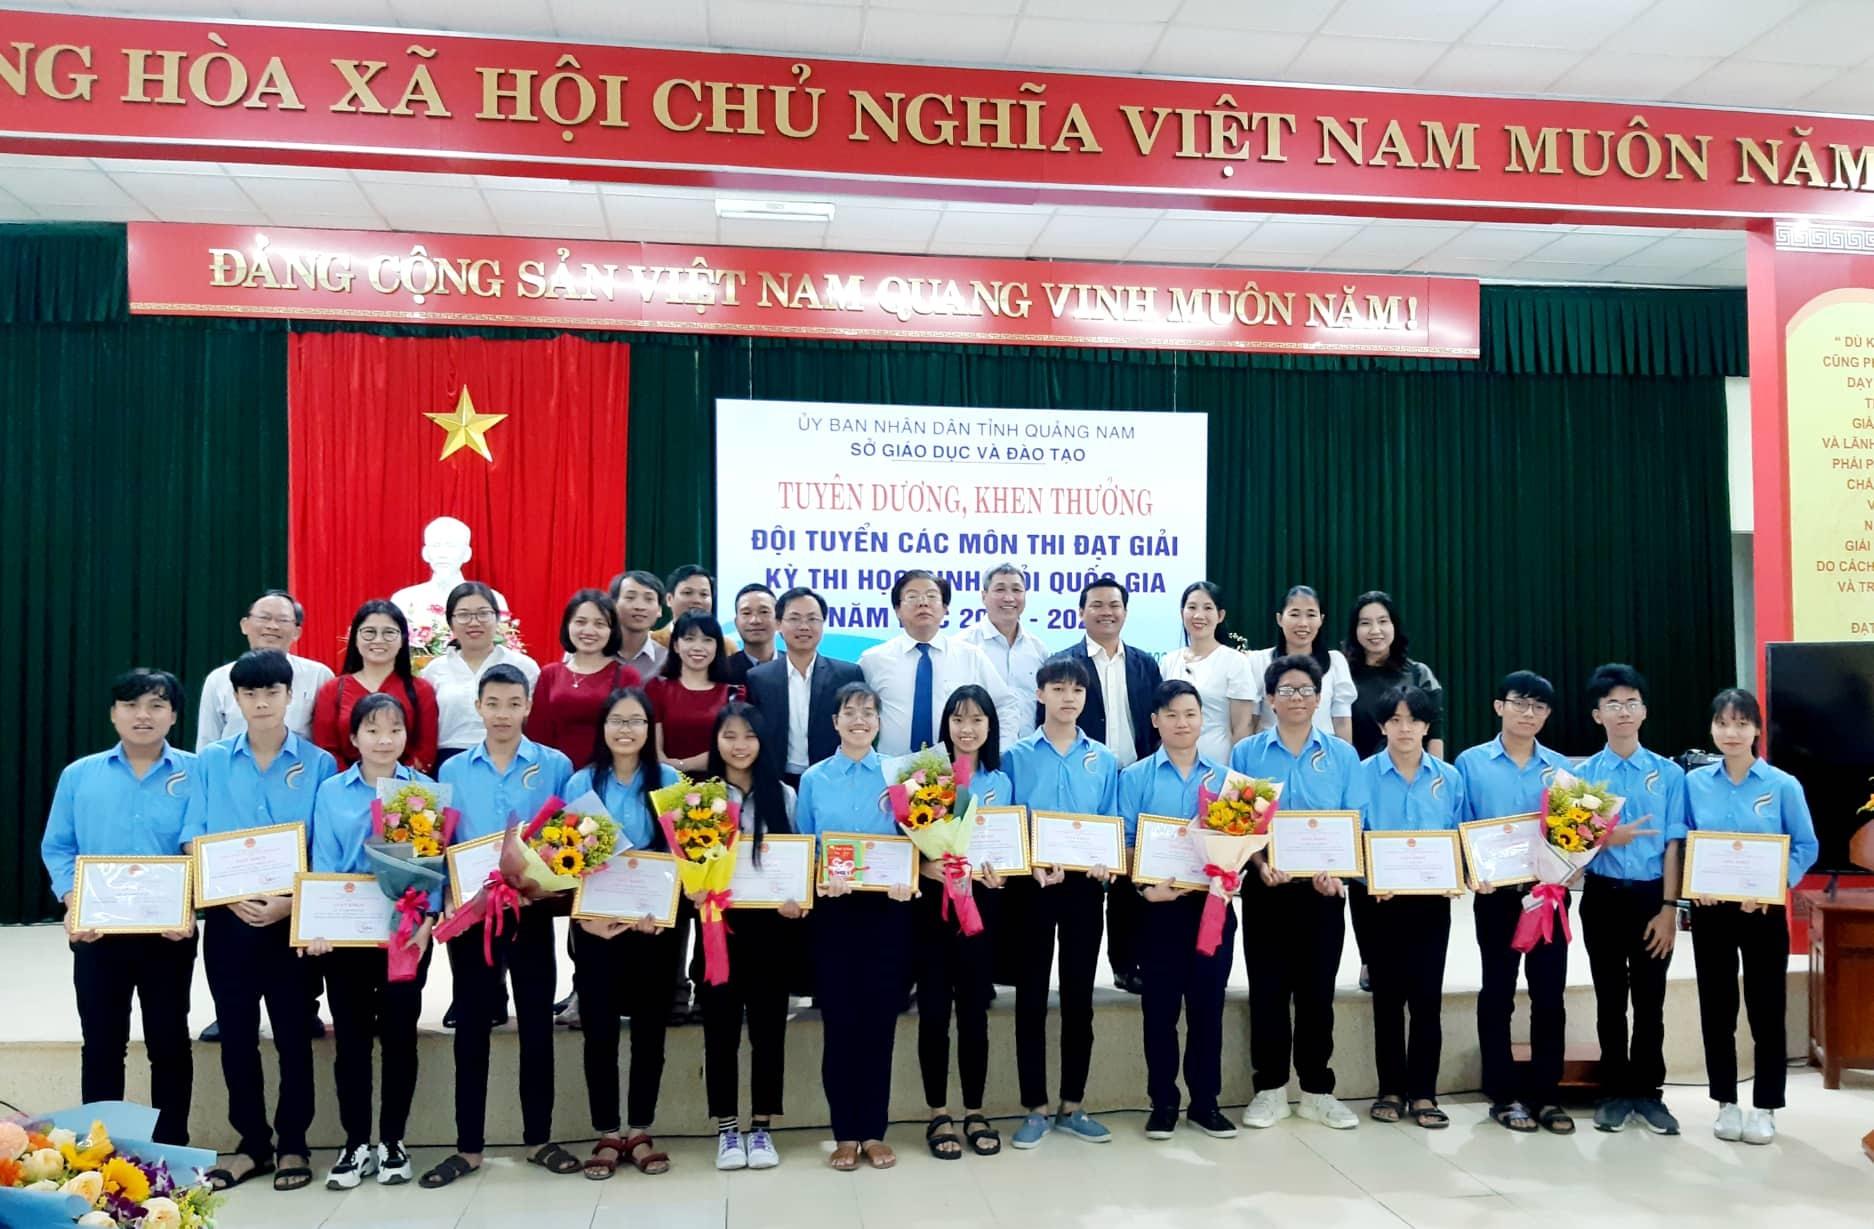 Những em học sinh Trường THPT chuyên Lê Thánh Tông (Hội An) nhận thưởng. Ảnh: T.V